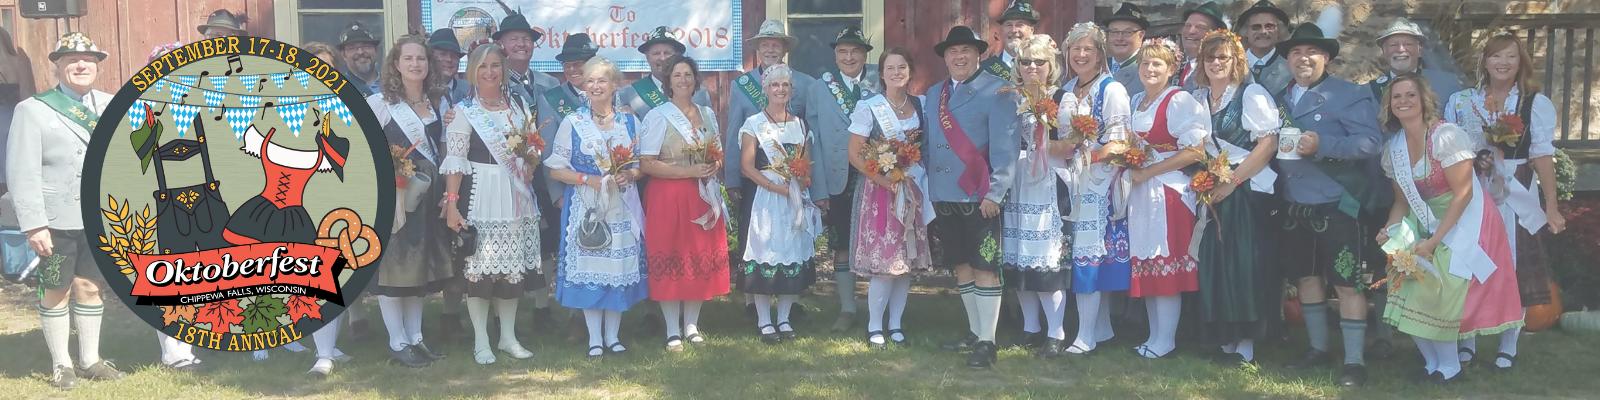 Oktoberfest Chippewa Falls